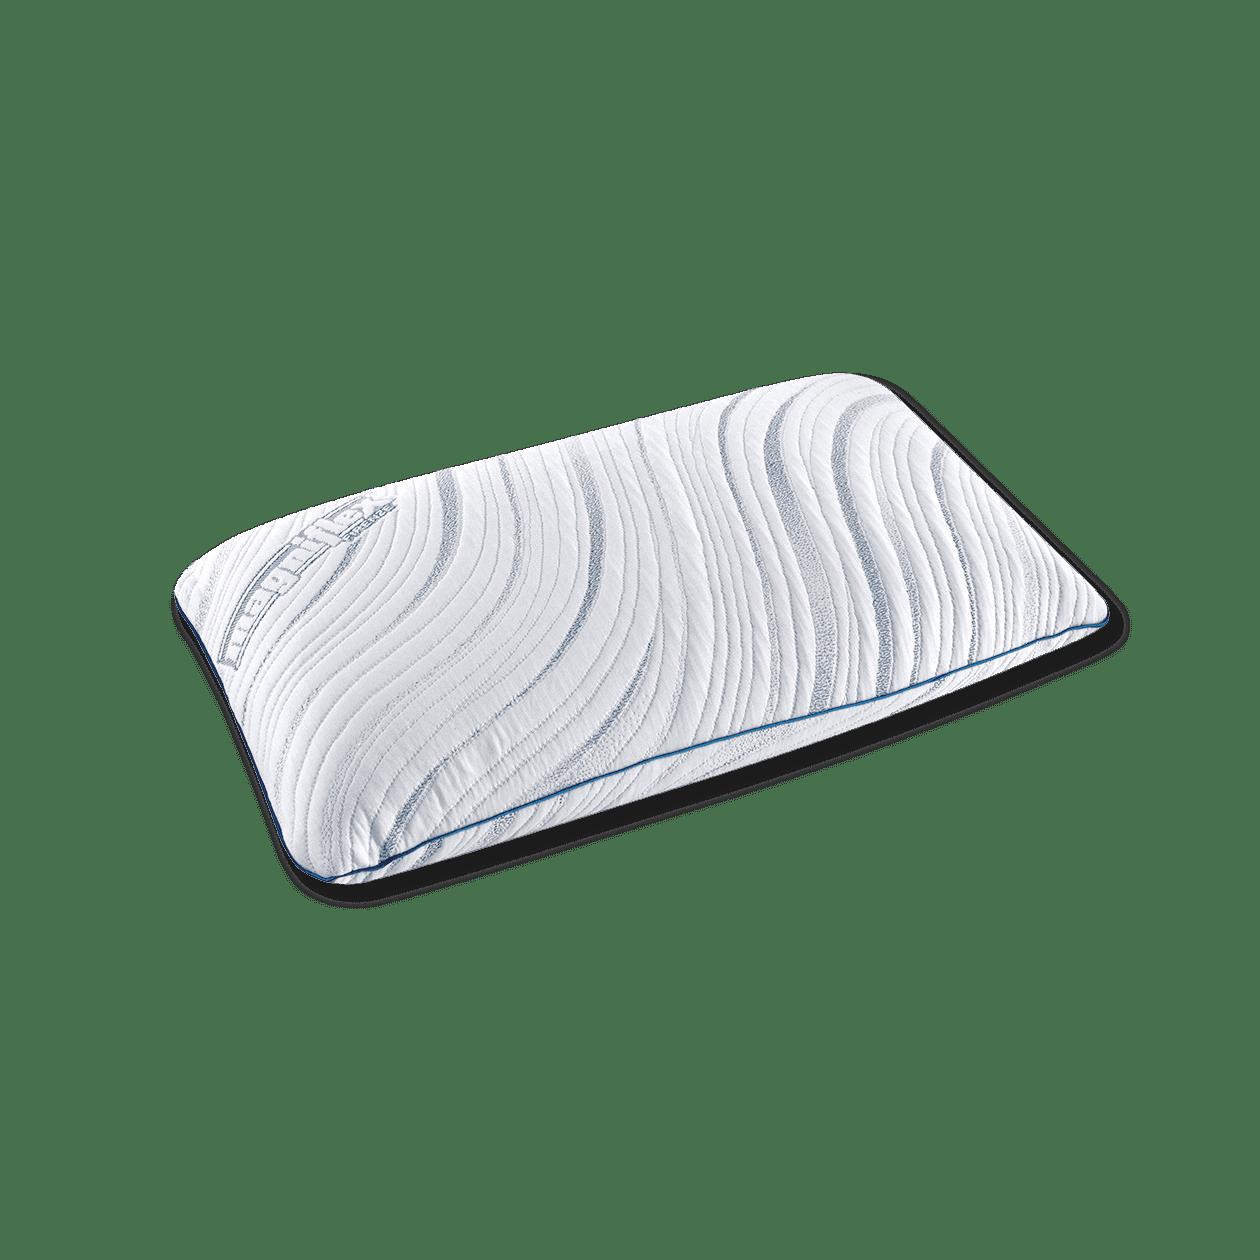 Възглавница Magniflex – Duogel